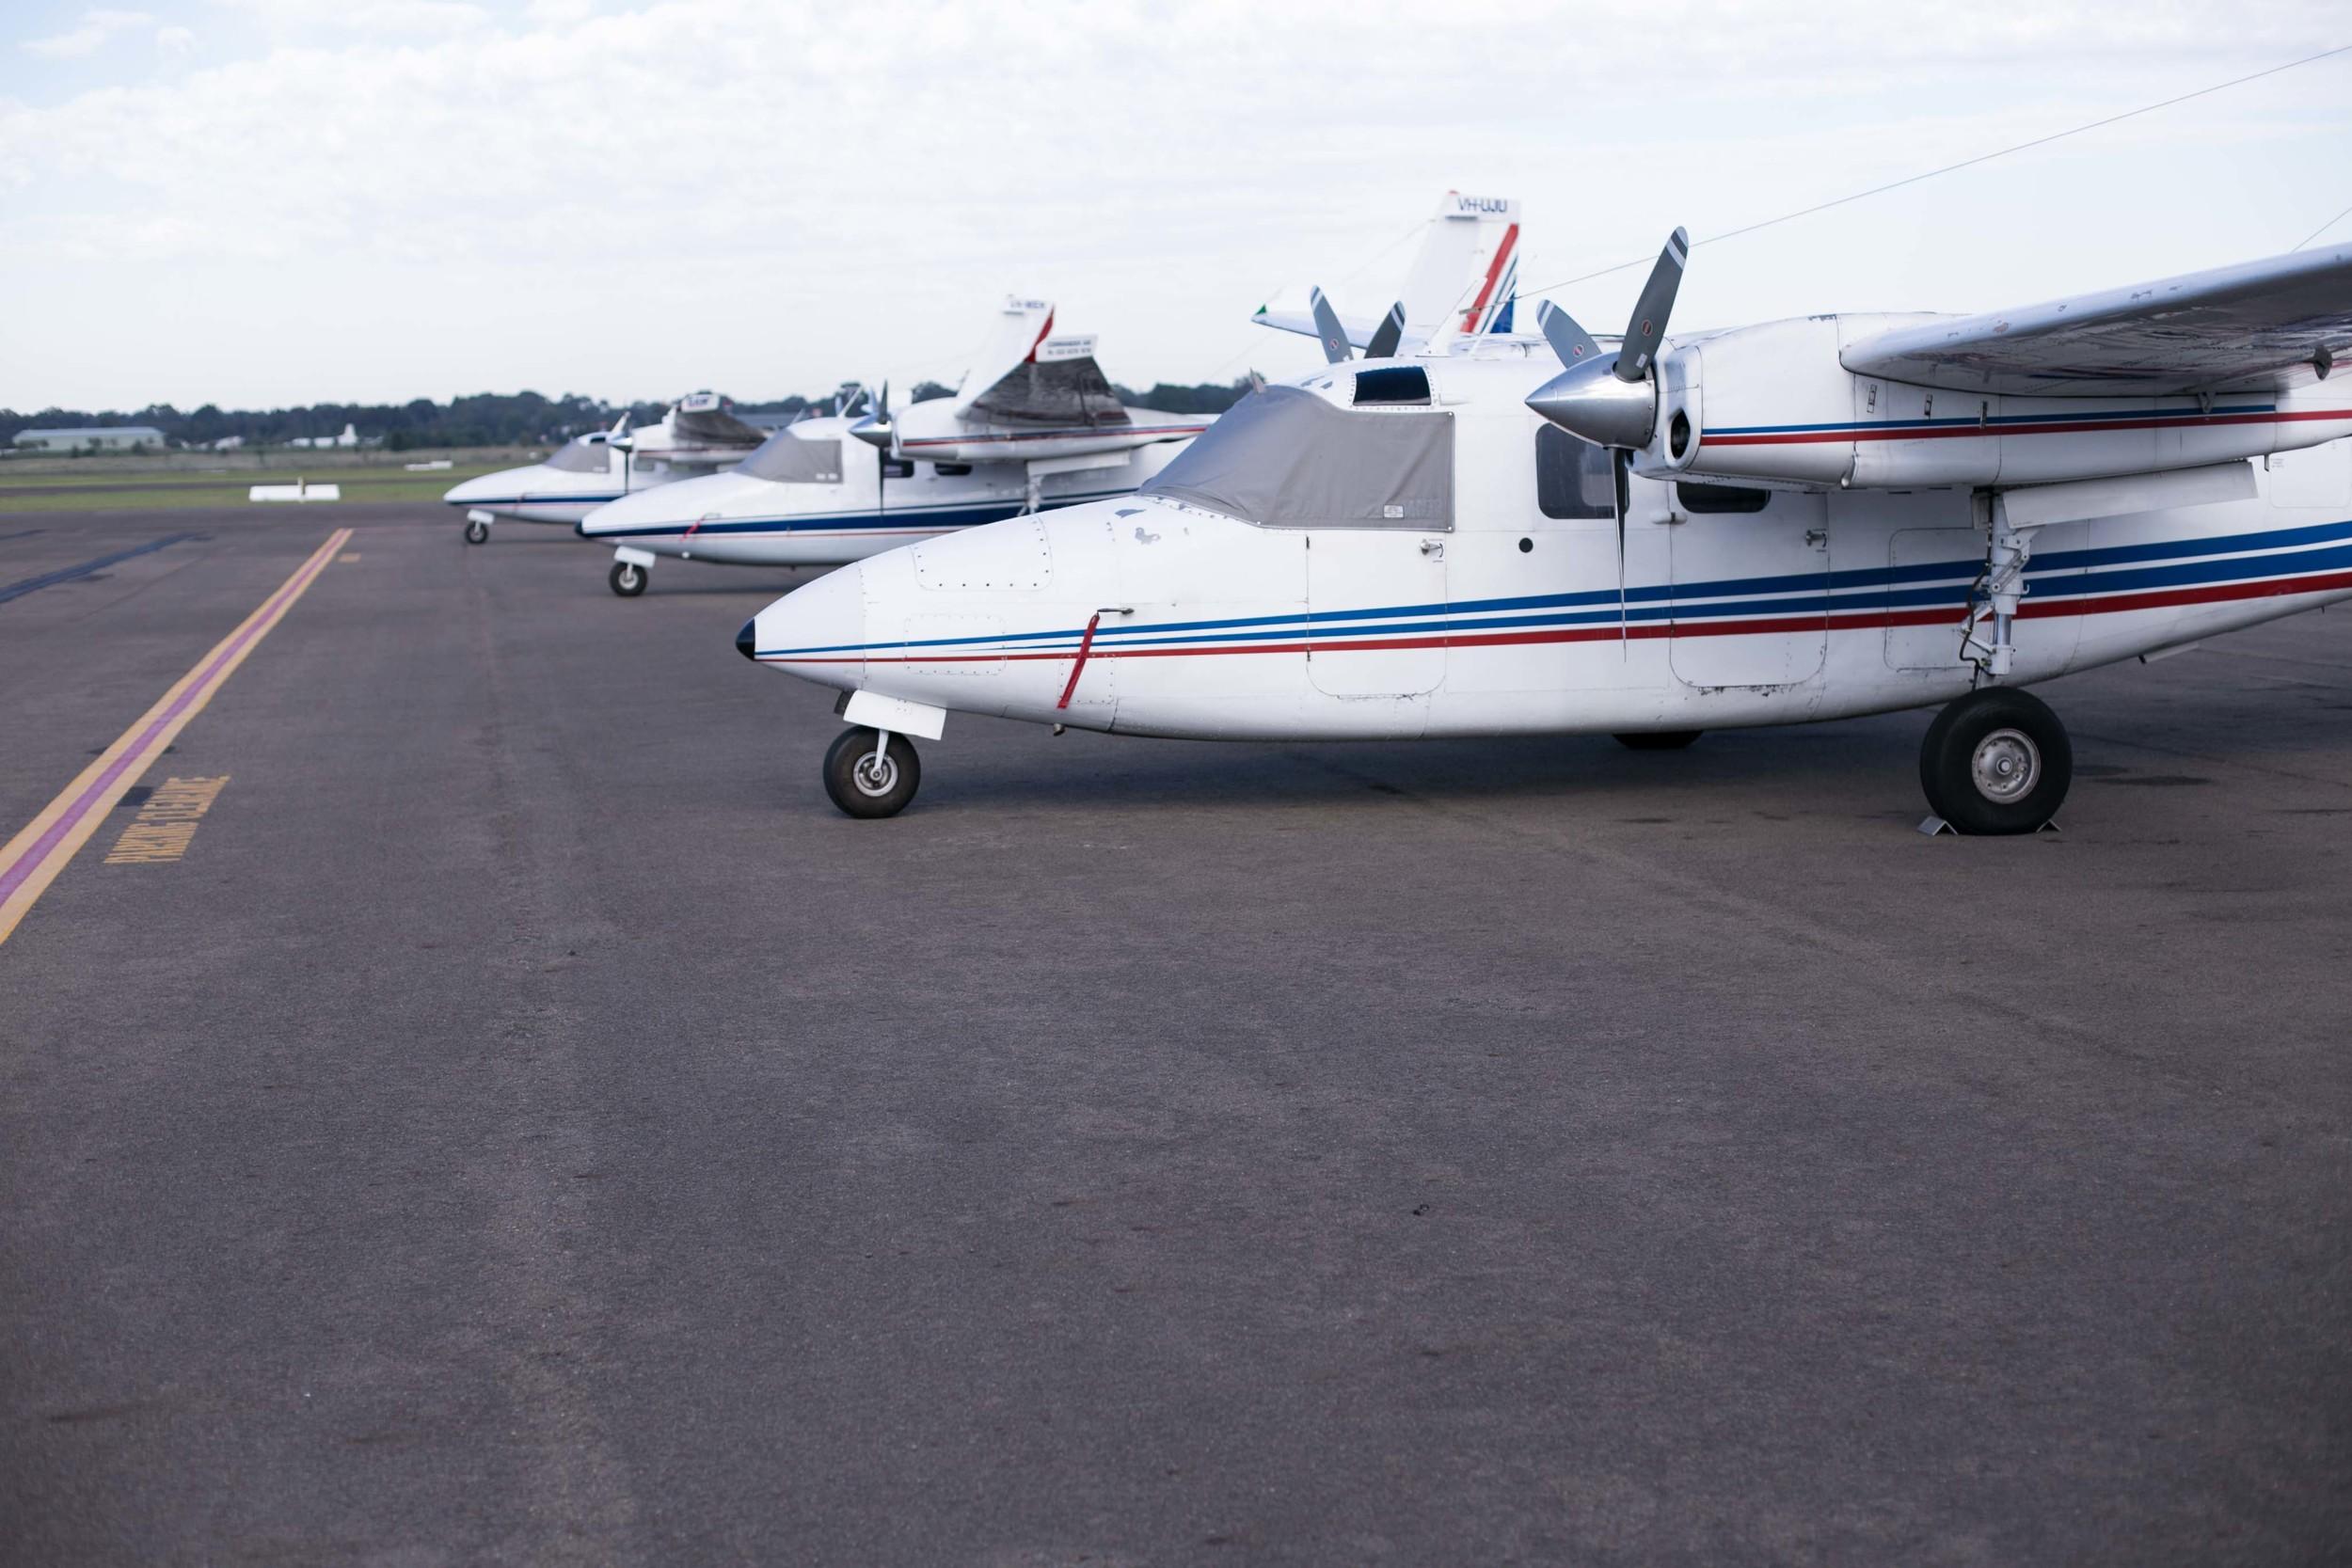 in_venus_Veritas_pilots_BANKSTOWN_AIRPORT-18.jpg